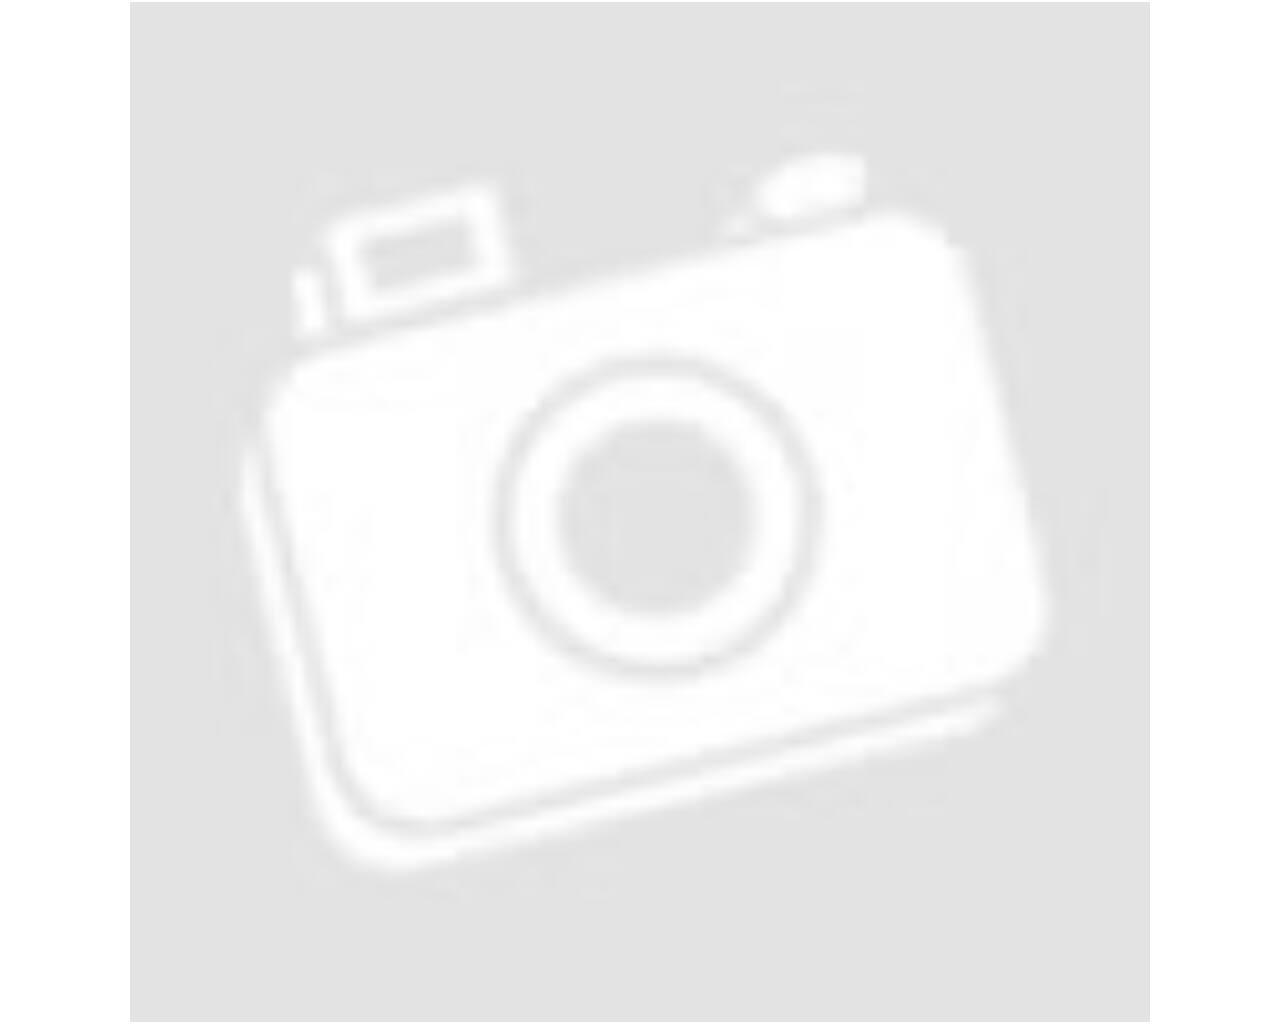 Hődob Négyszögletes zománcozott lemez 13x65cm Fényes fekete